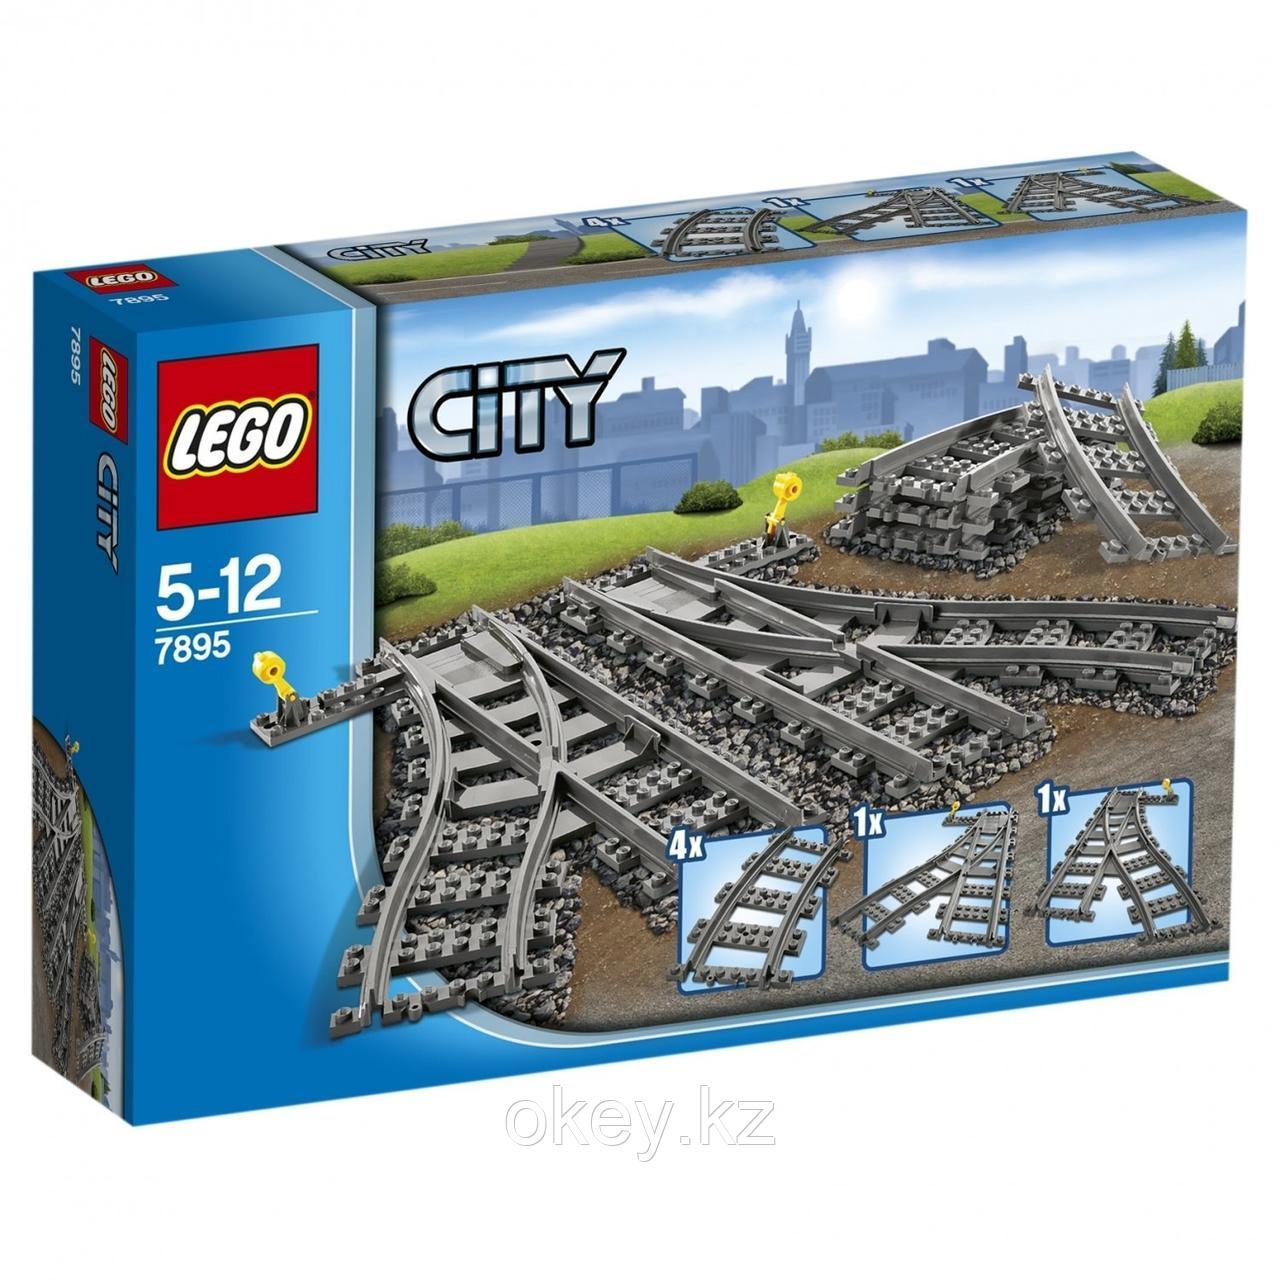 LEGO City: Железнодорожные стрелки 7895